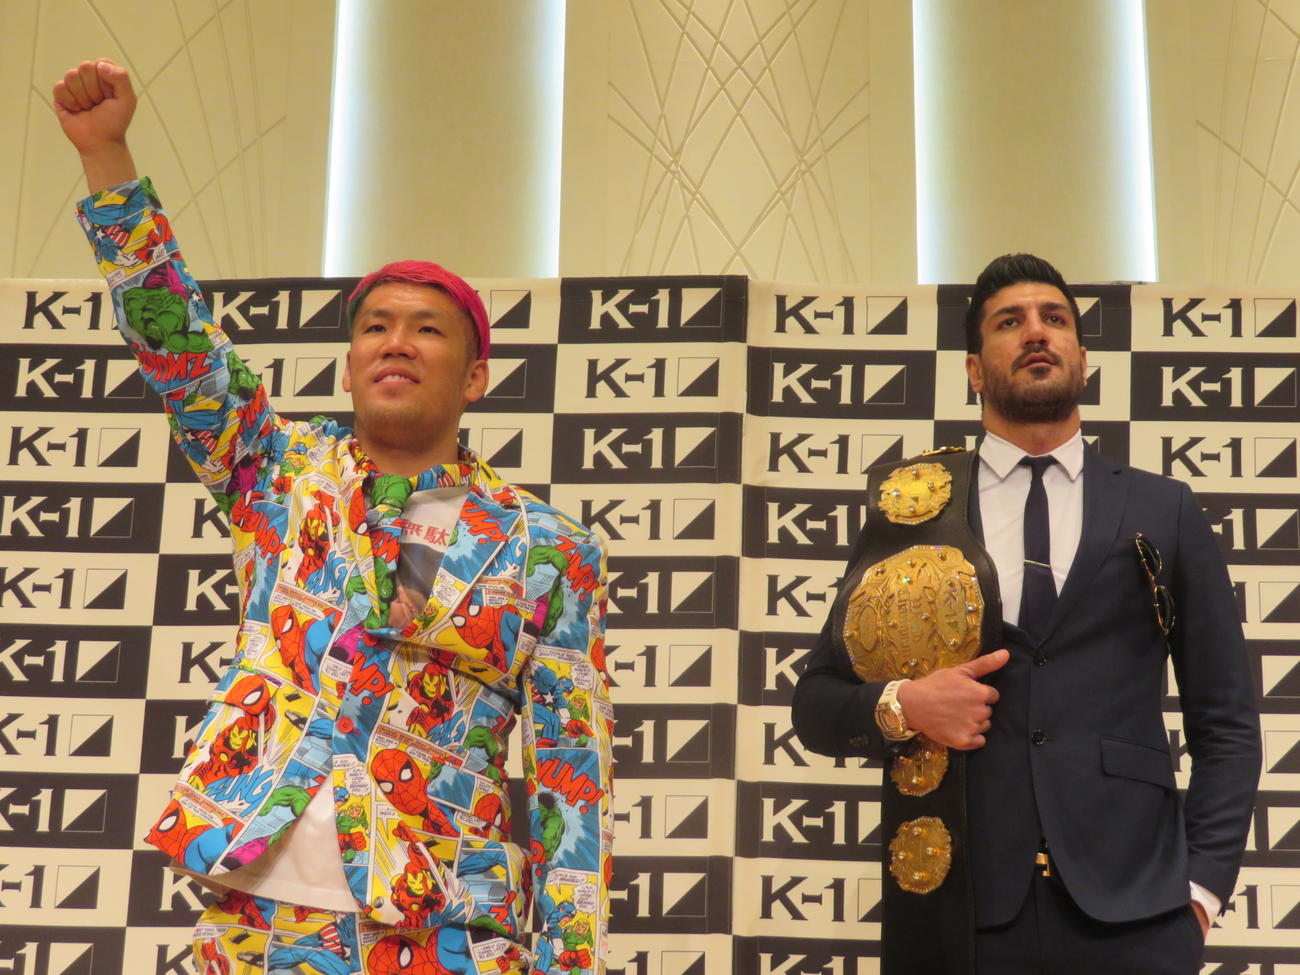 右拳を上げてアピールする京太郎(左)に対し、クールな態度のK-1クルーザー級王者カリミアン